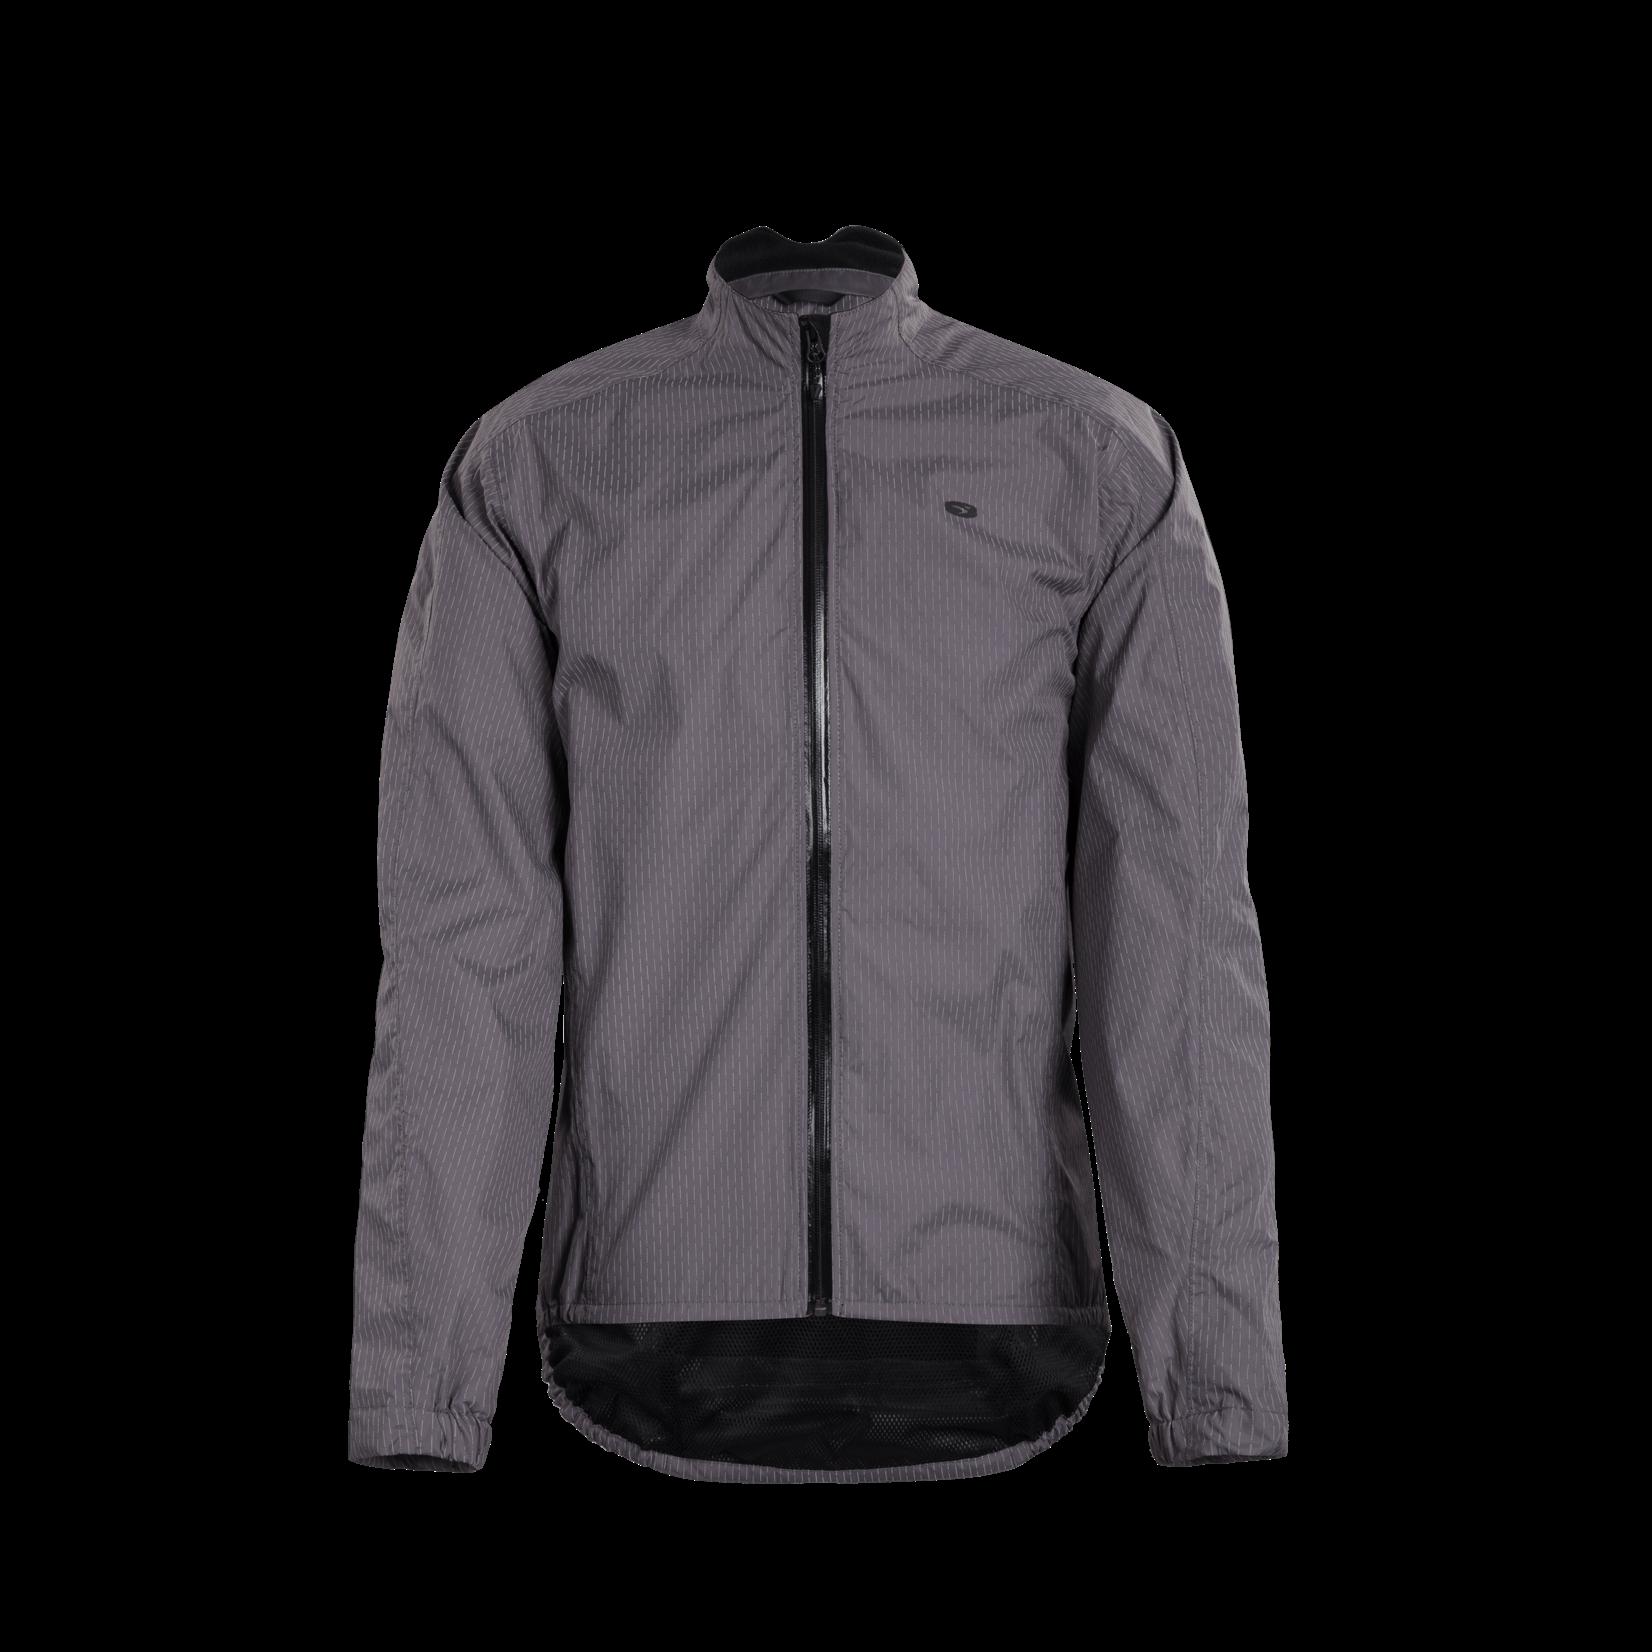 Sugoi Sugoi Zap Reflective Bike Jacket Men's